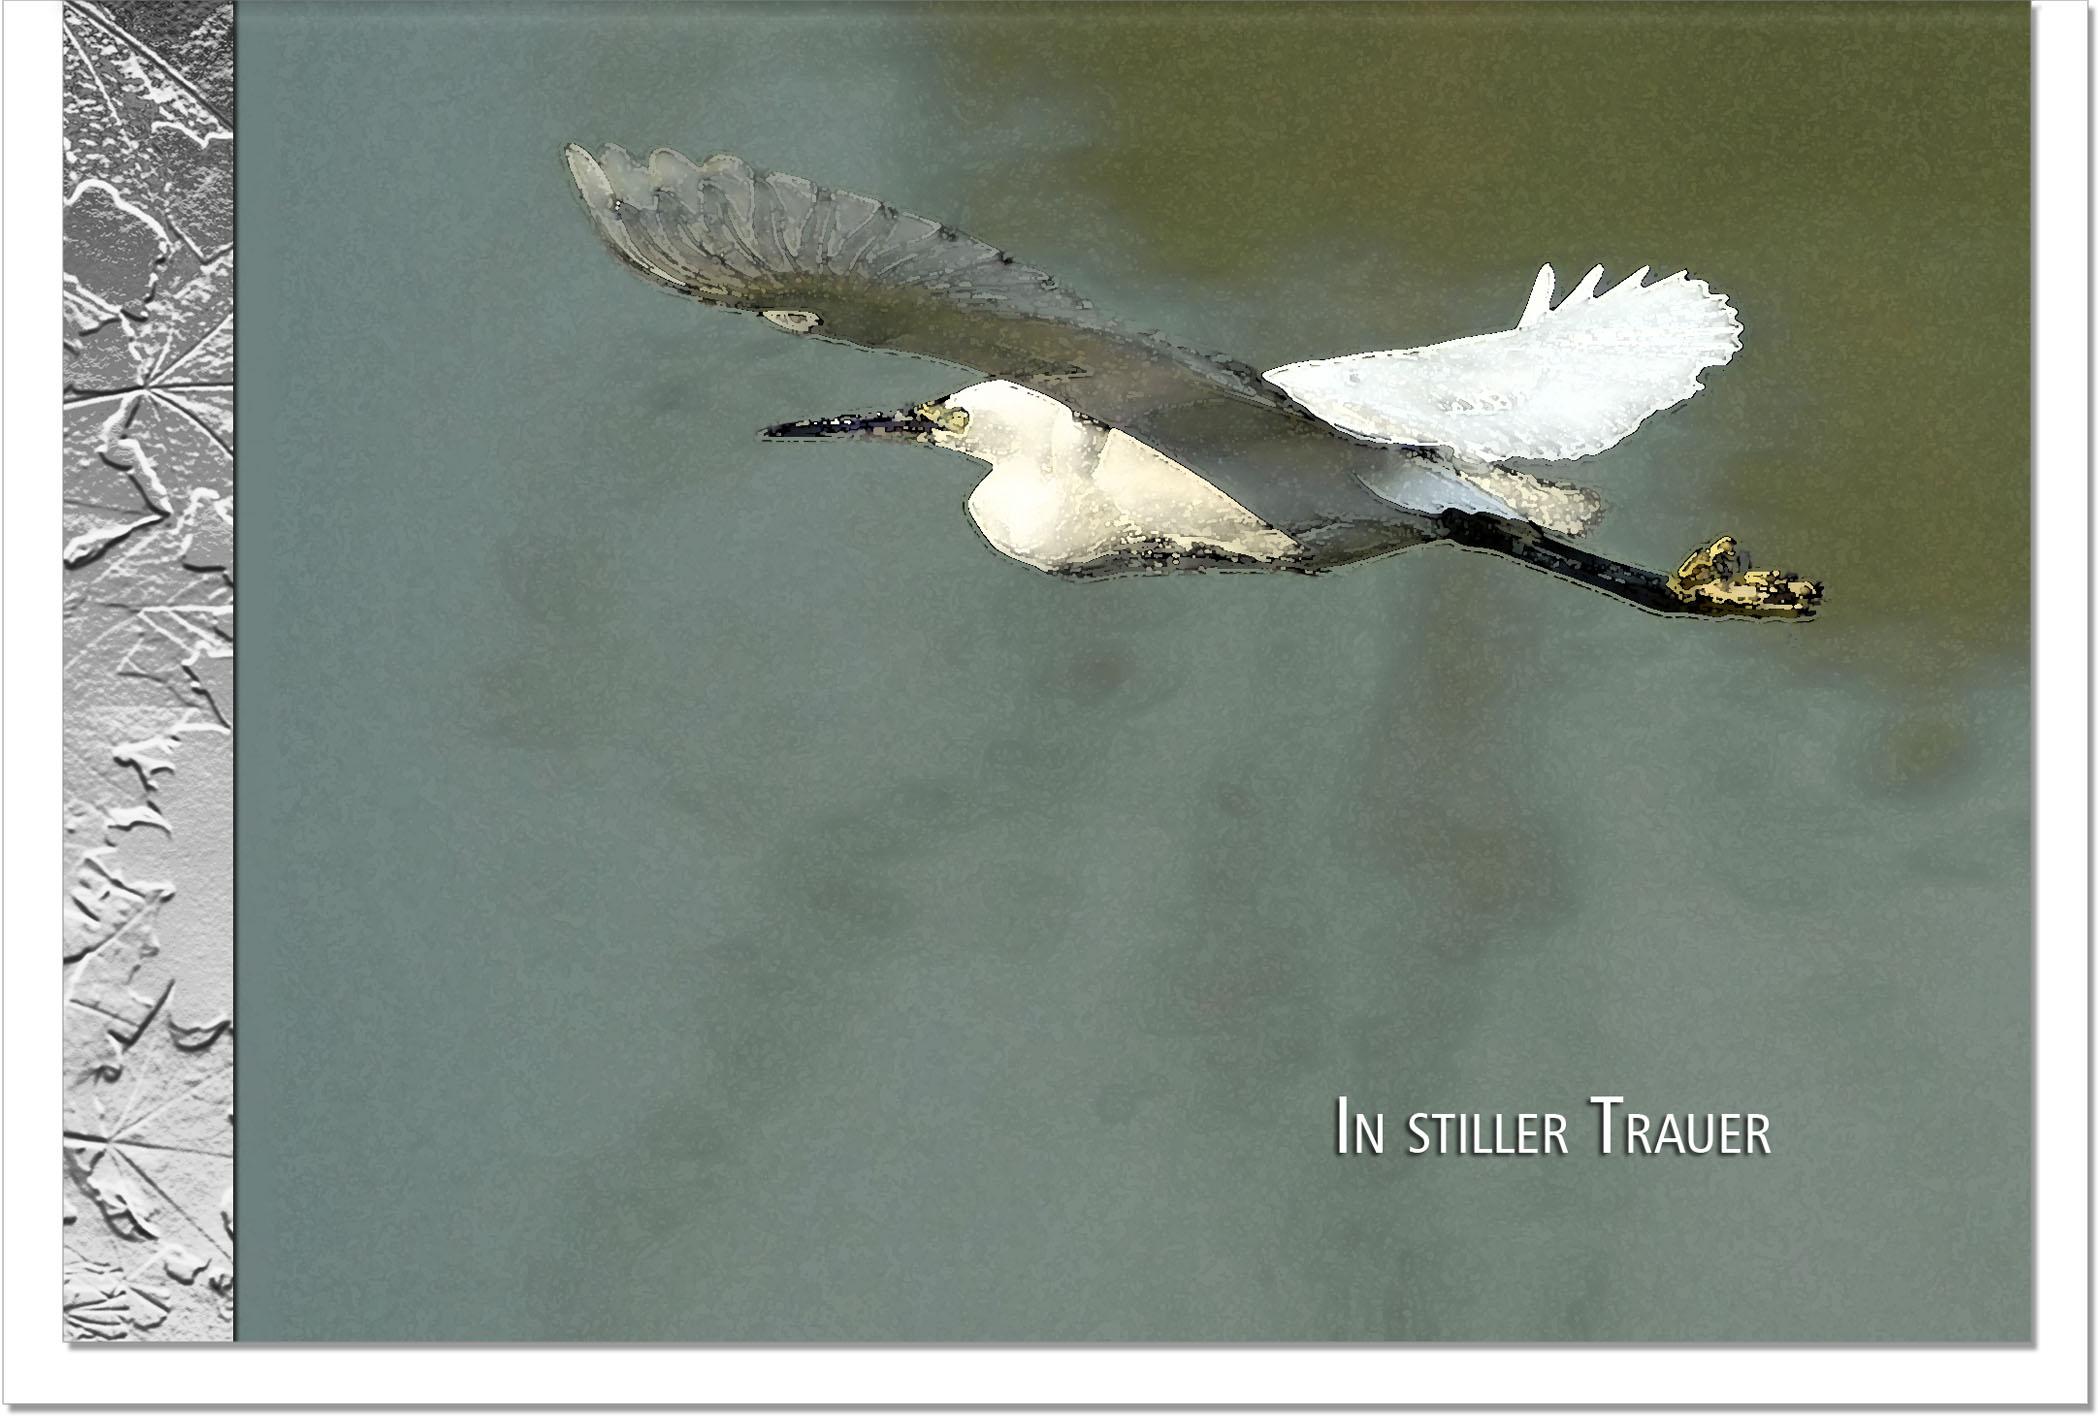 Trauerkarte ABSCHIED | Silberreiher | metALUm #00099